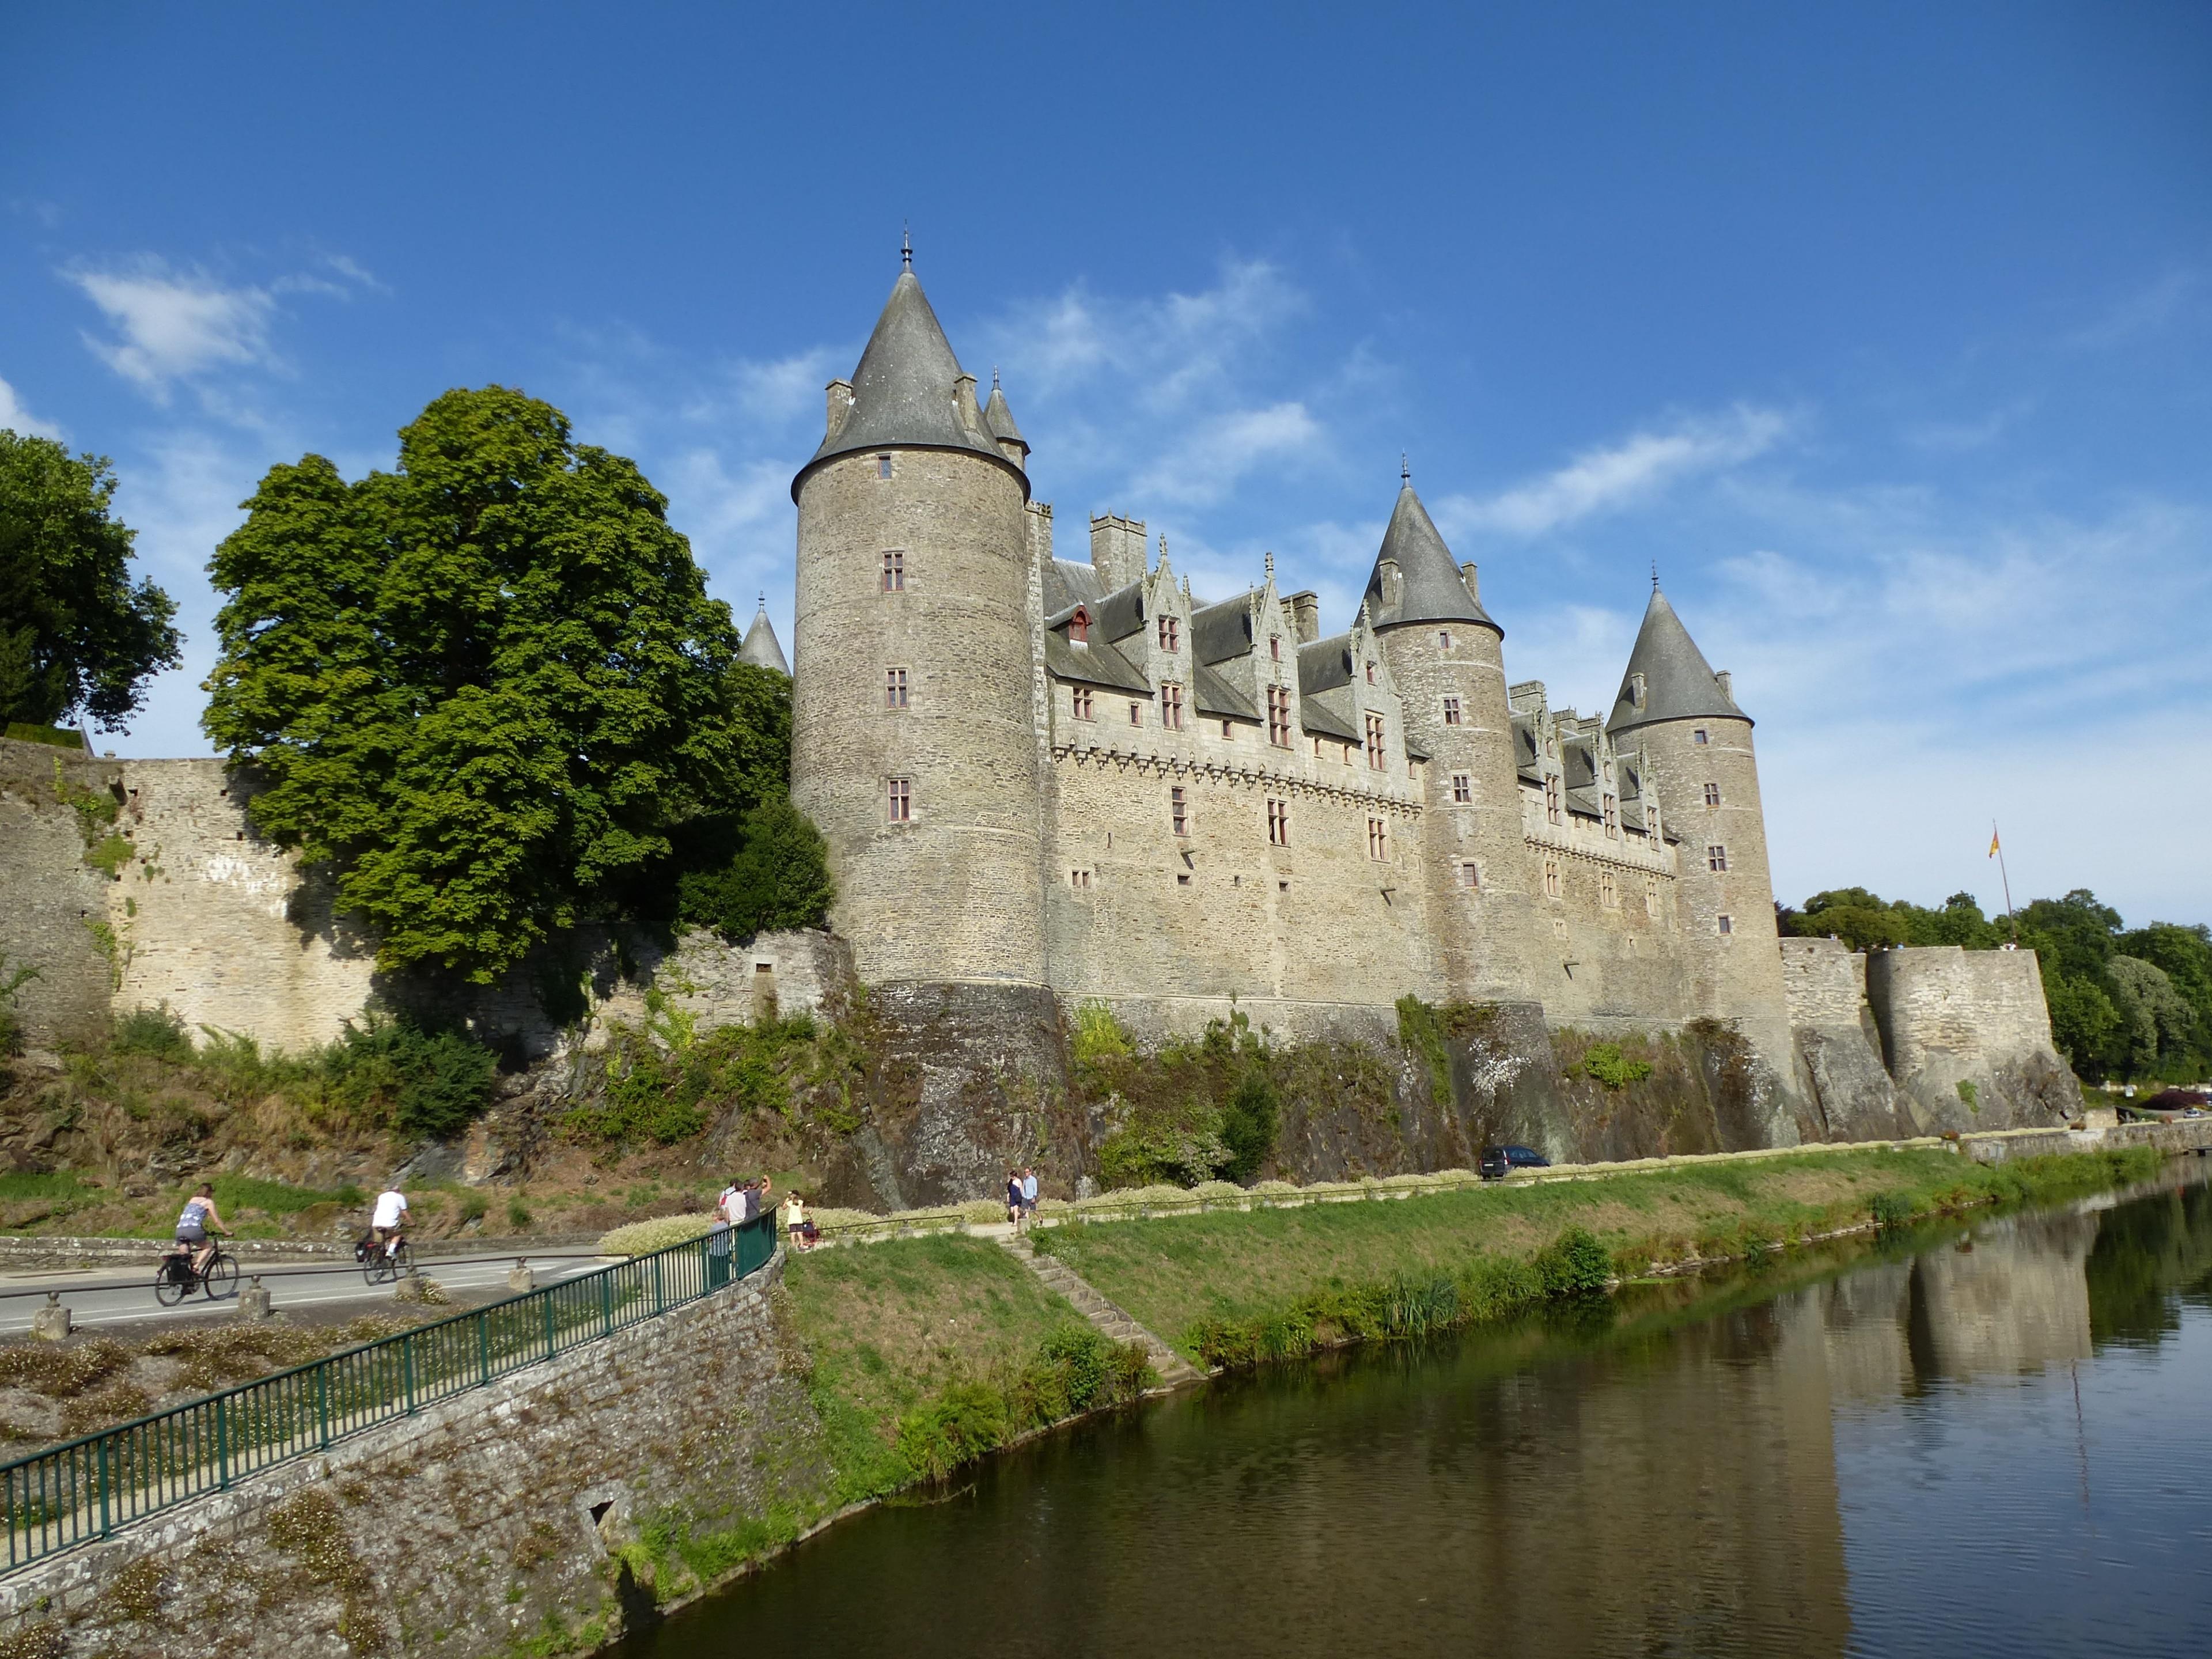 Josselin Chateau, Josselin, Morbihan, France